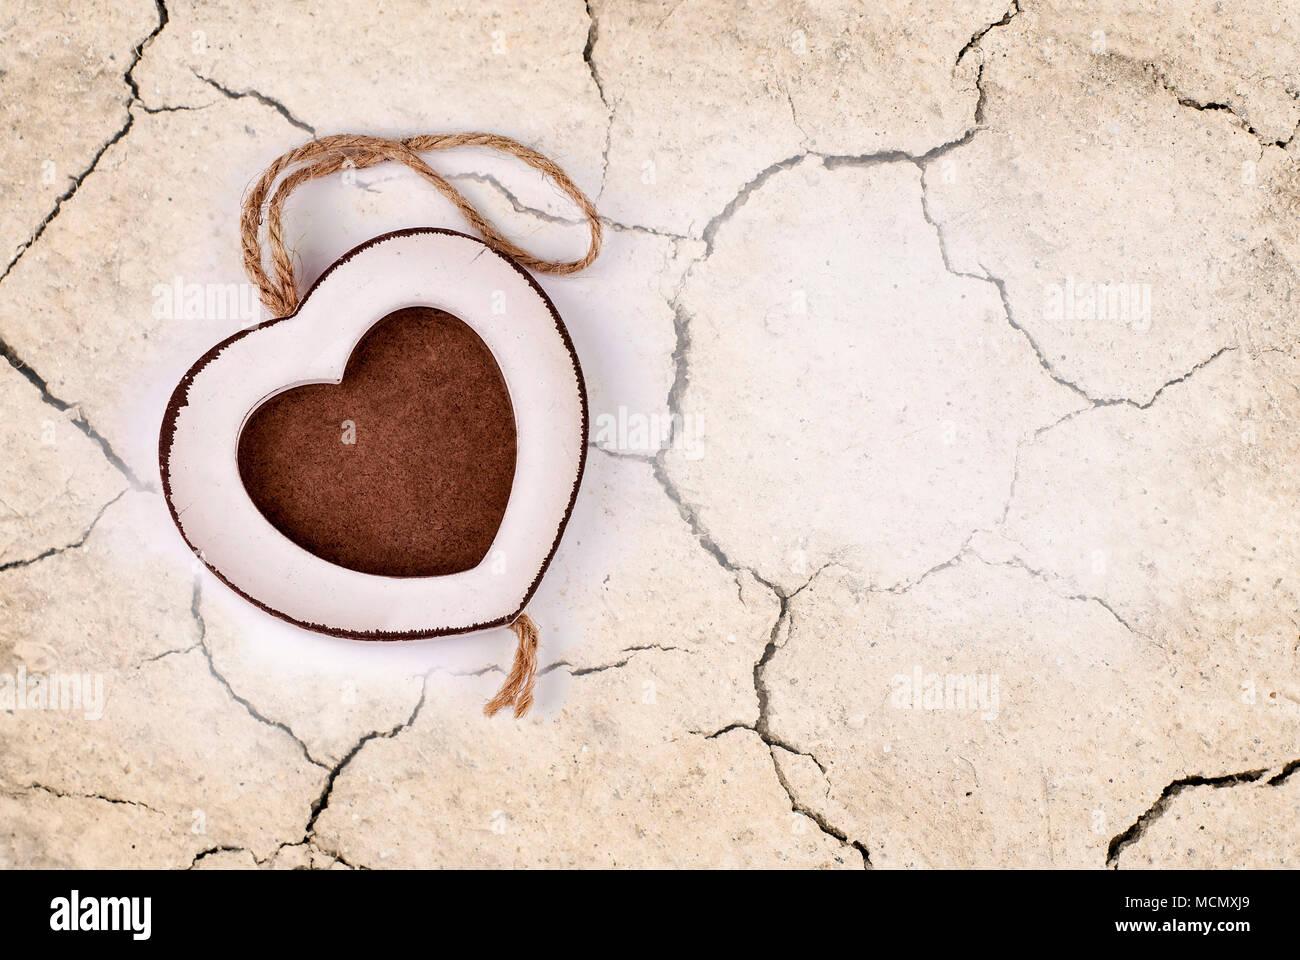 Cracked Heart Imágenes De Stock & Cracked Heart Fotos De Stock - Alamy